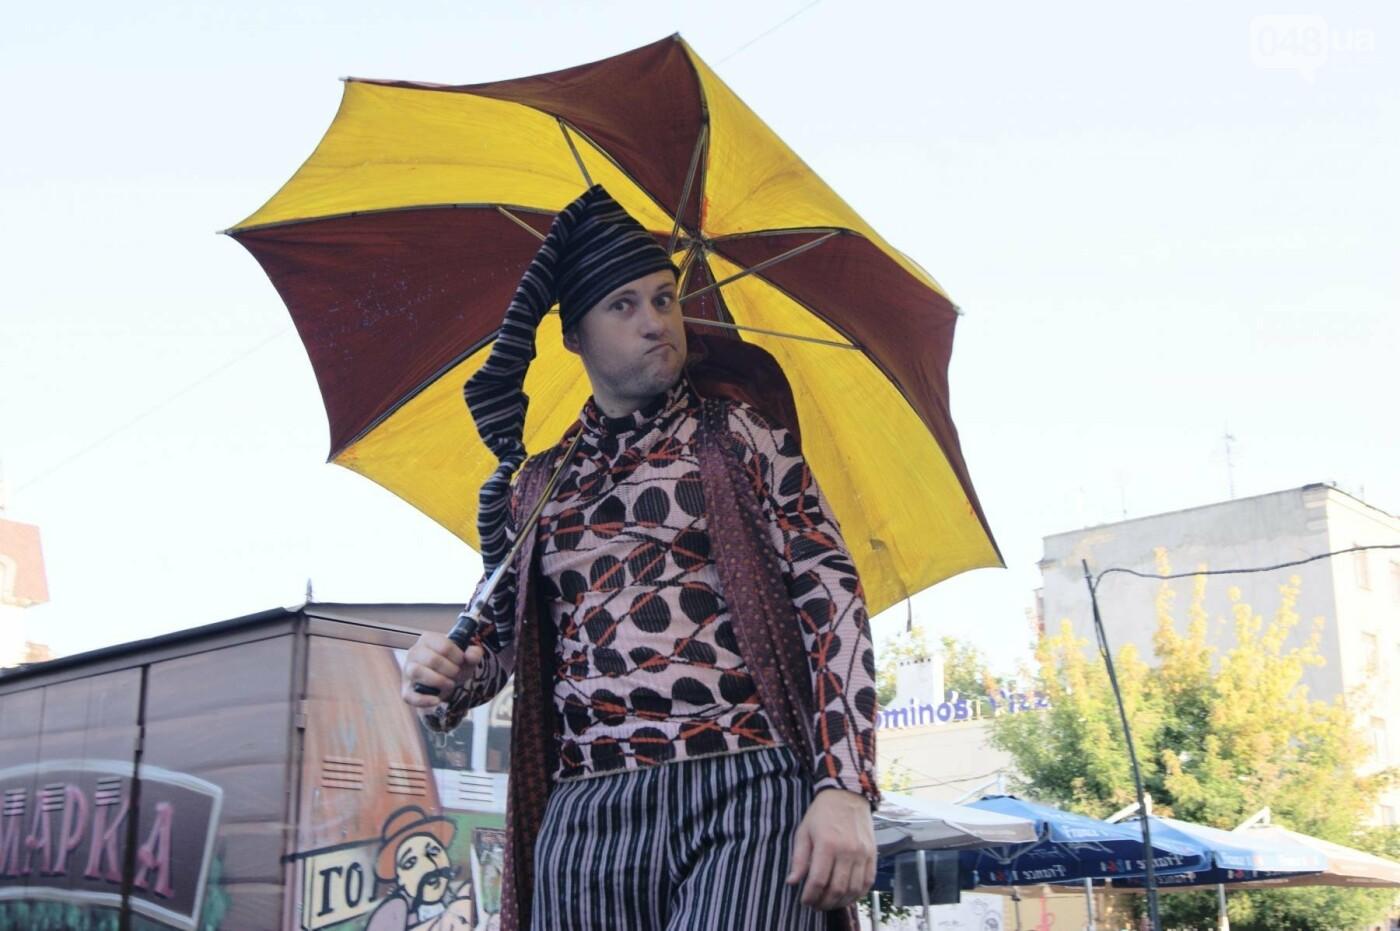 В Одессе уличные театры со всего мира провели карнавал, - ФОТО, ВИДЕО, фото-1